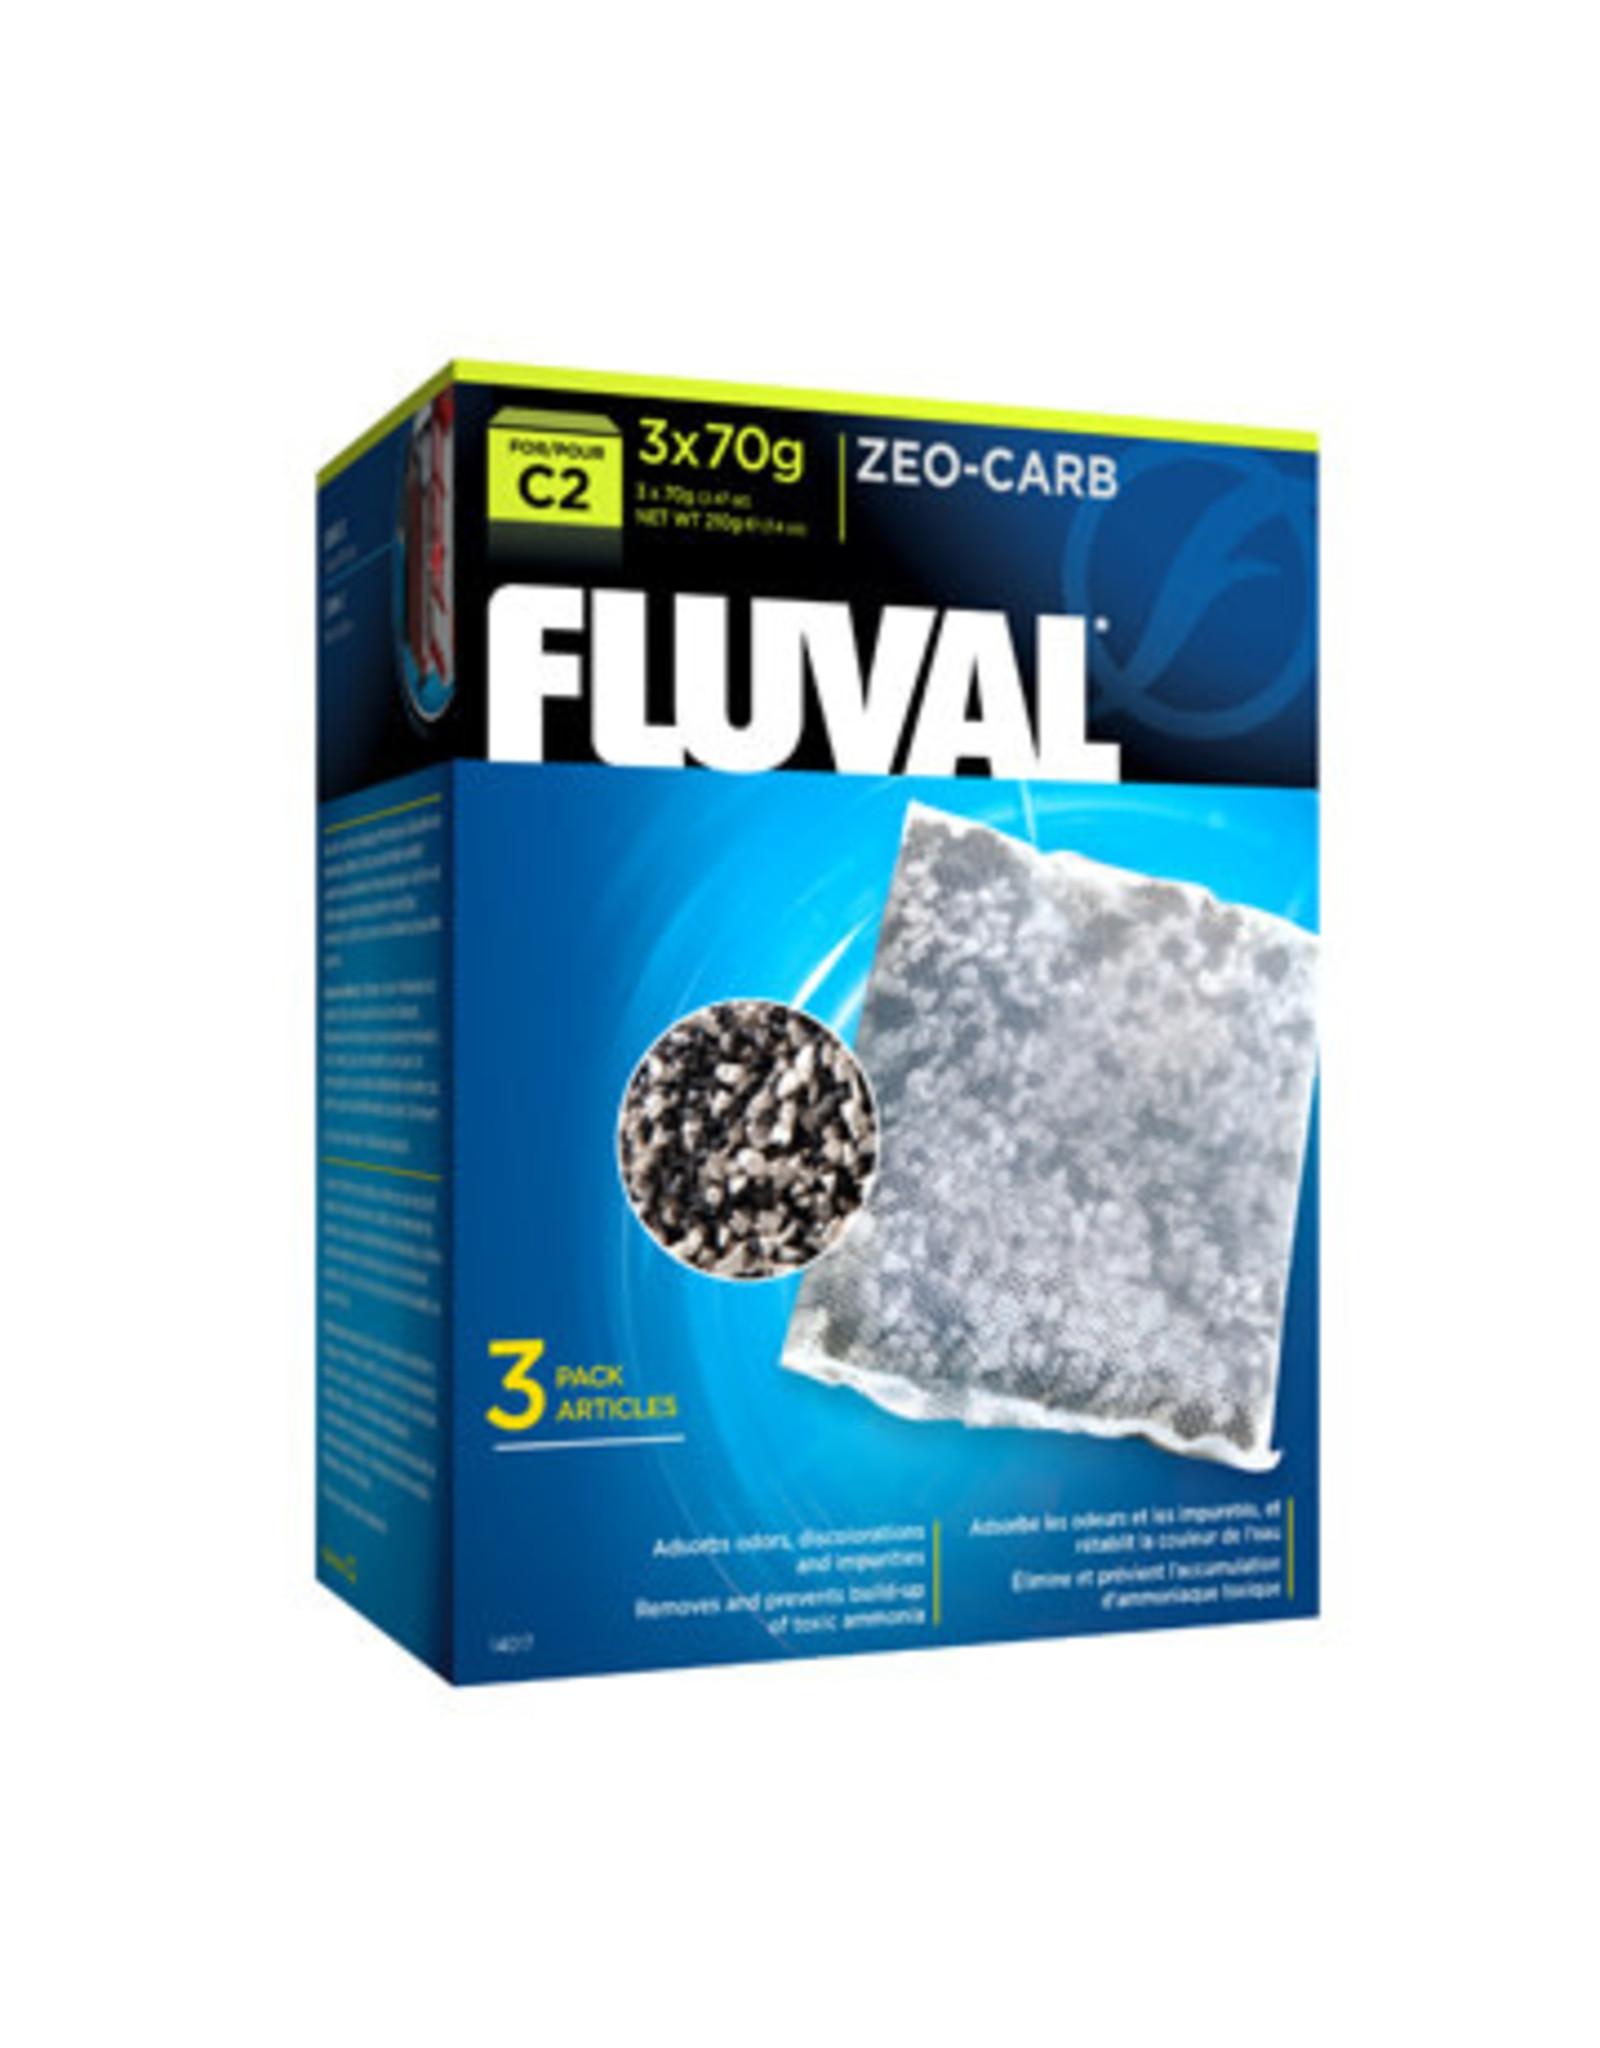 Fluval Fluval C2 Zeo-Carb - 3 pack